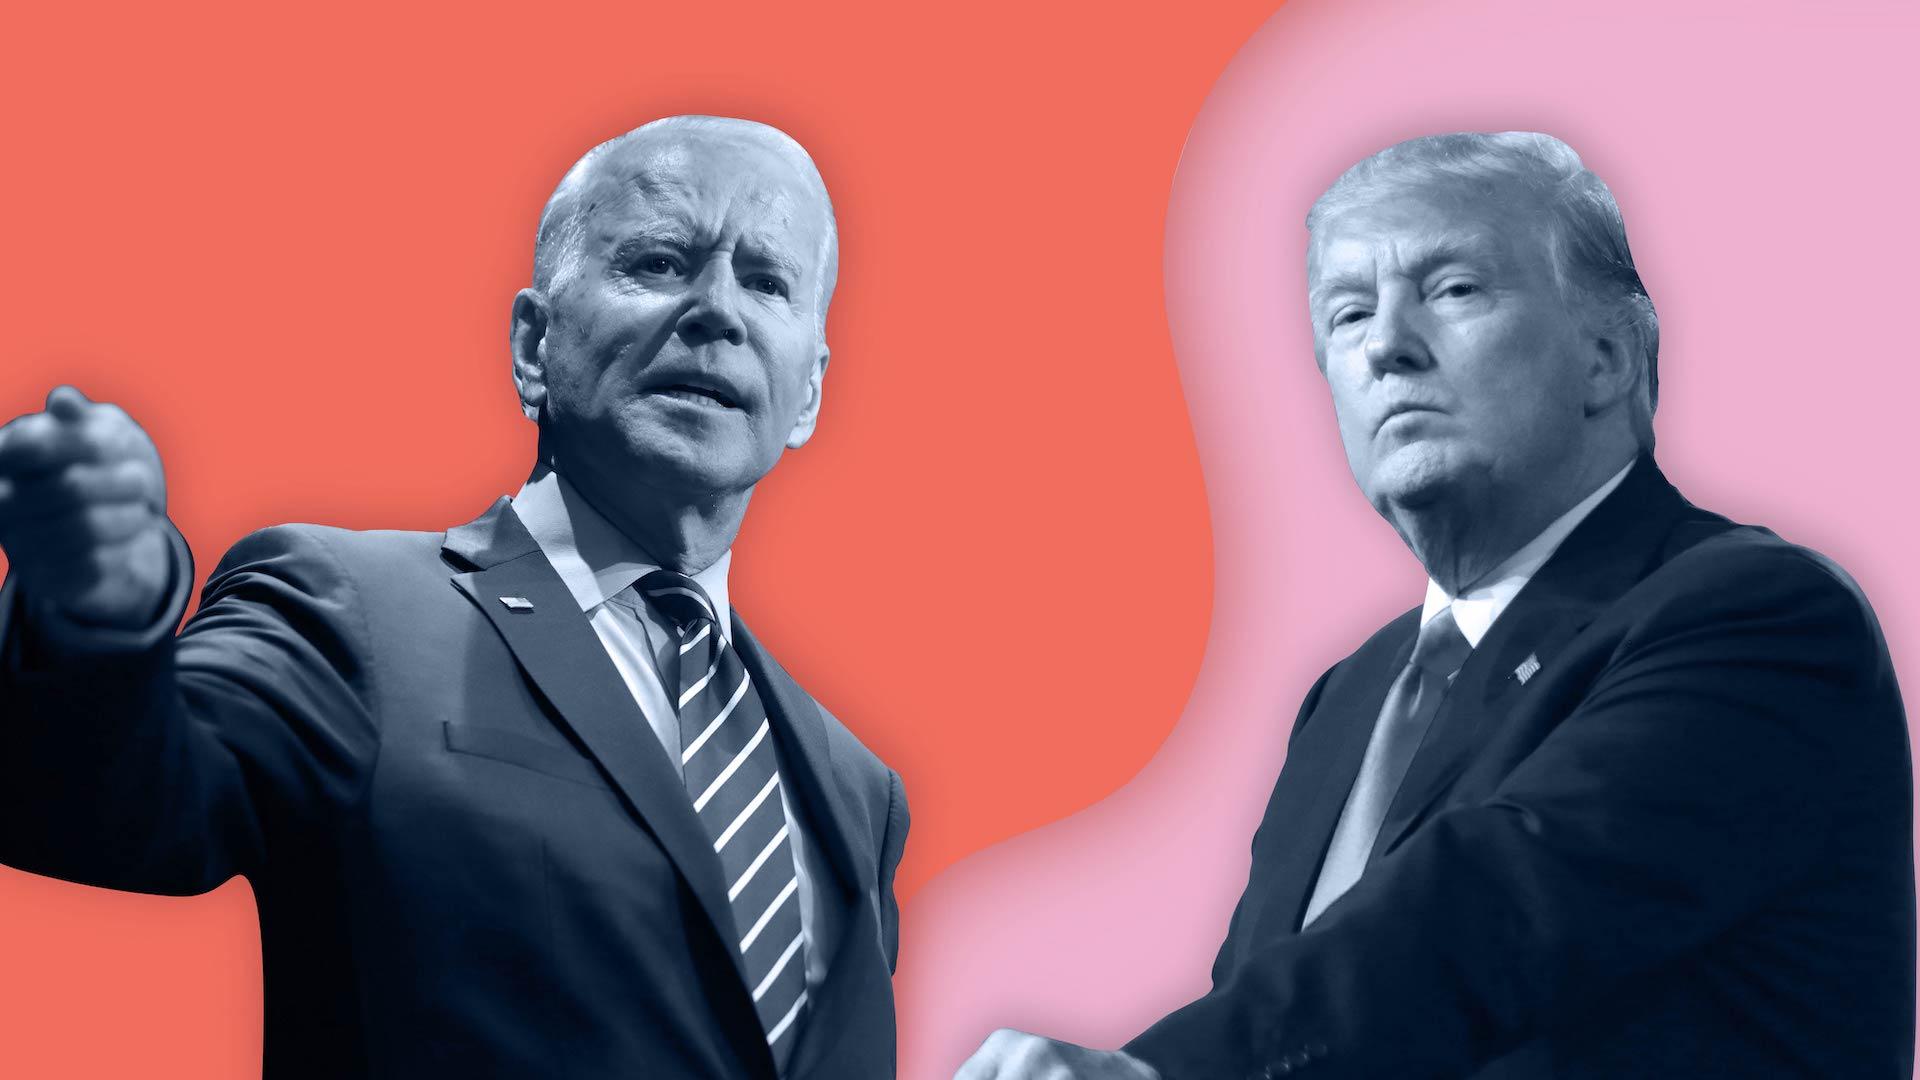 Cuộc chiến pháp lí của ông Trump yếu thế, chiến thắng của ông Biden được củng cố - Ảnh 1.